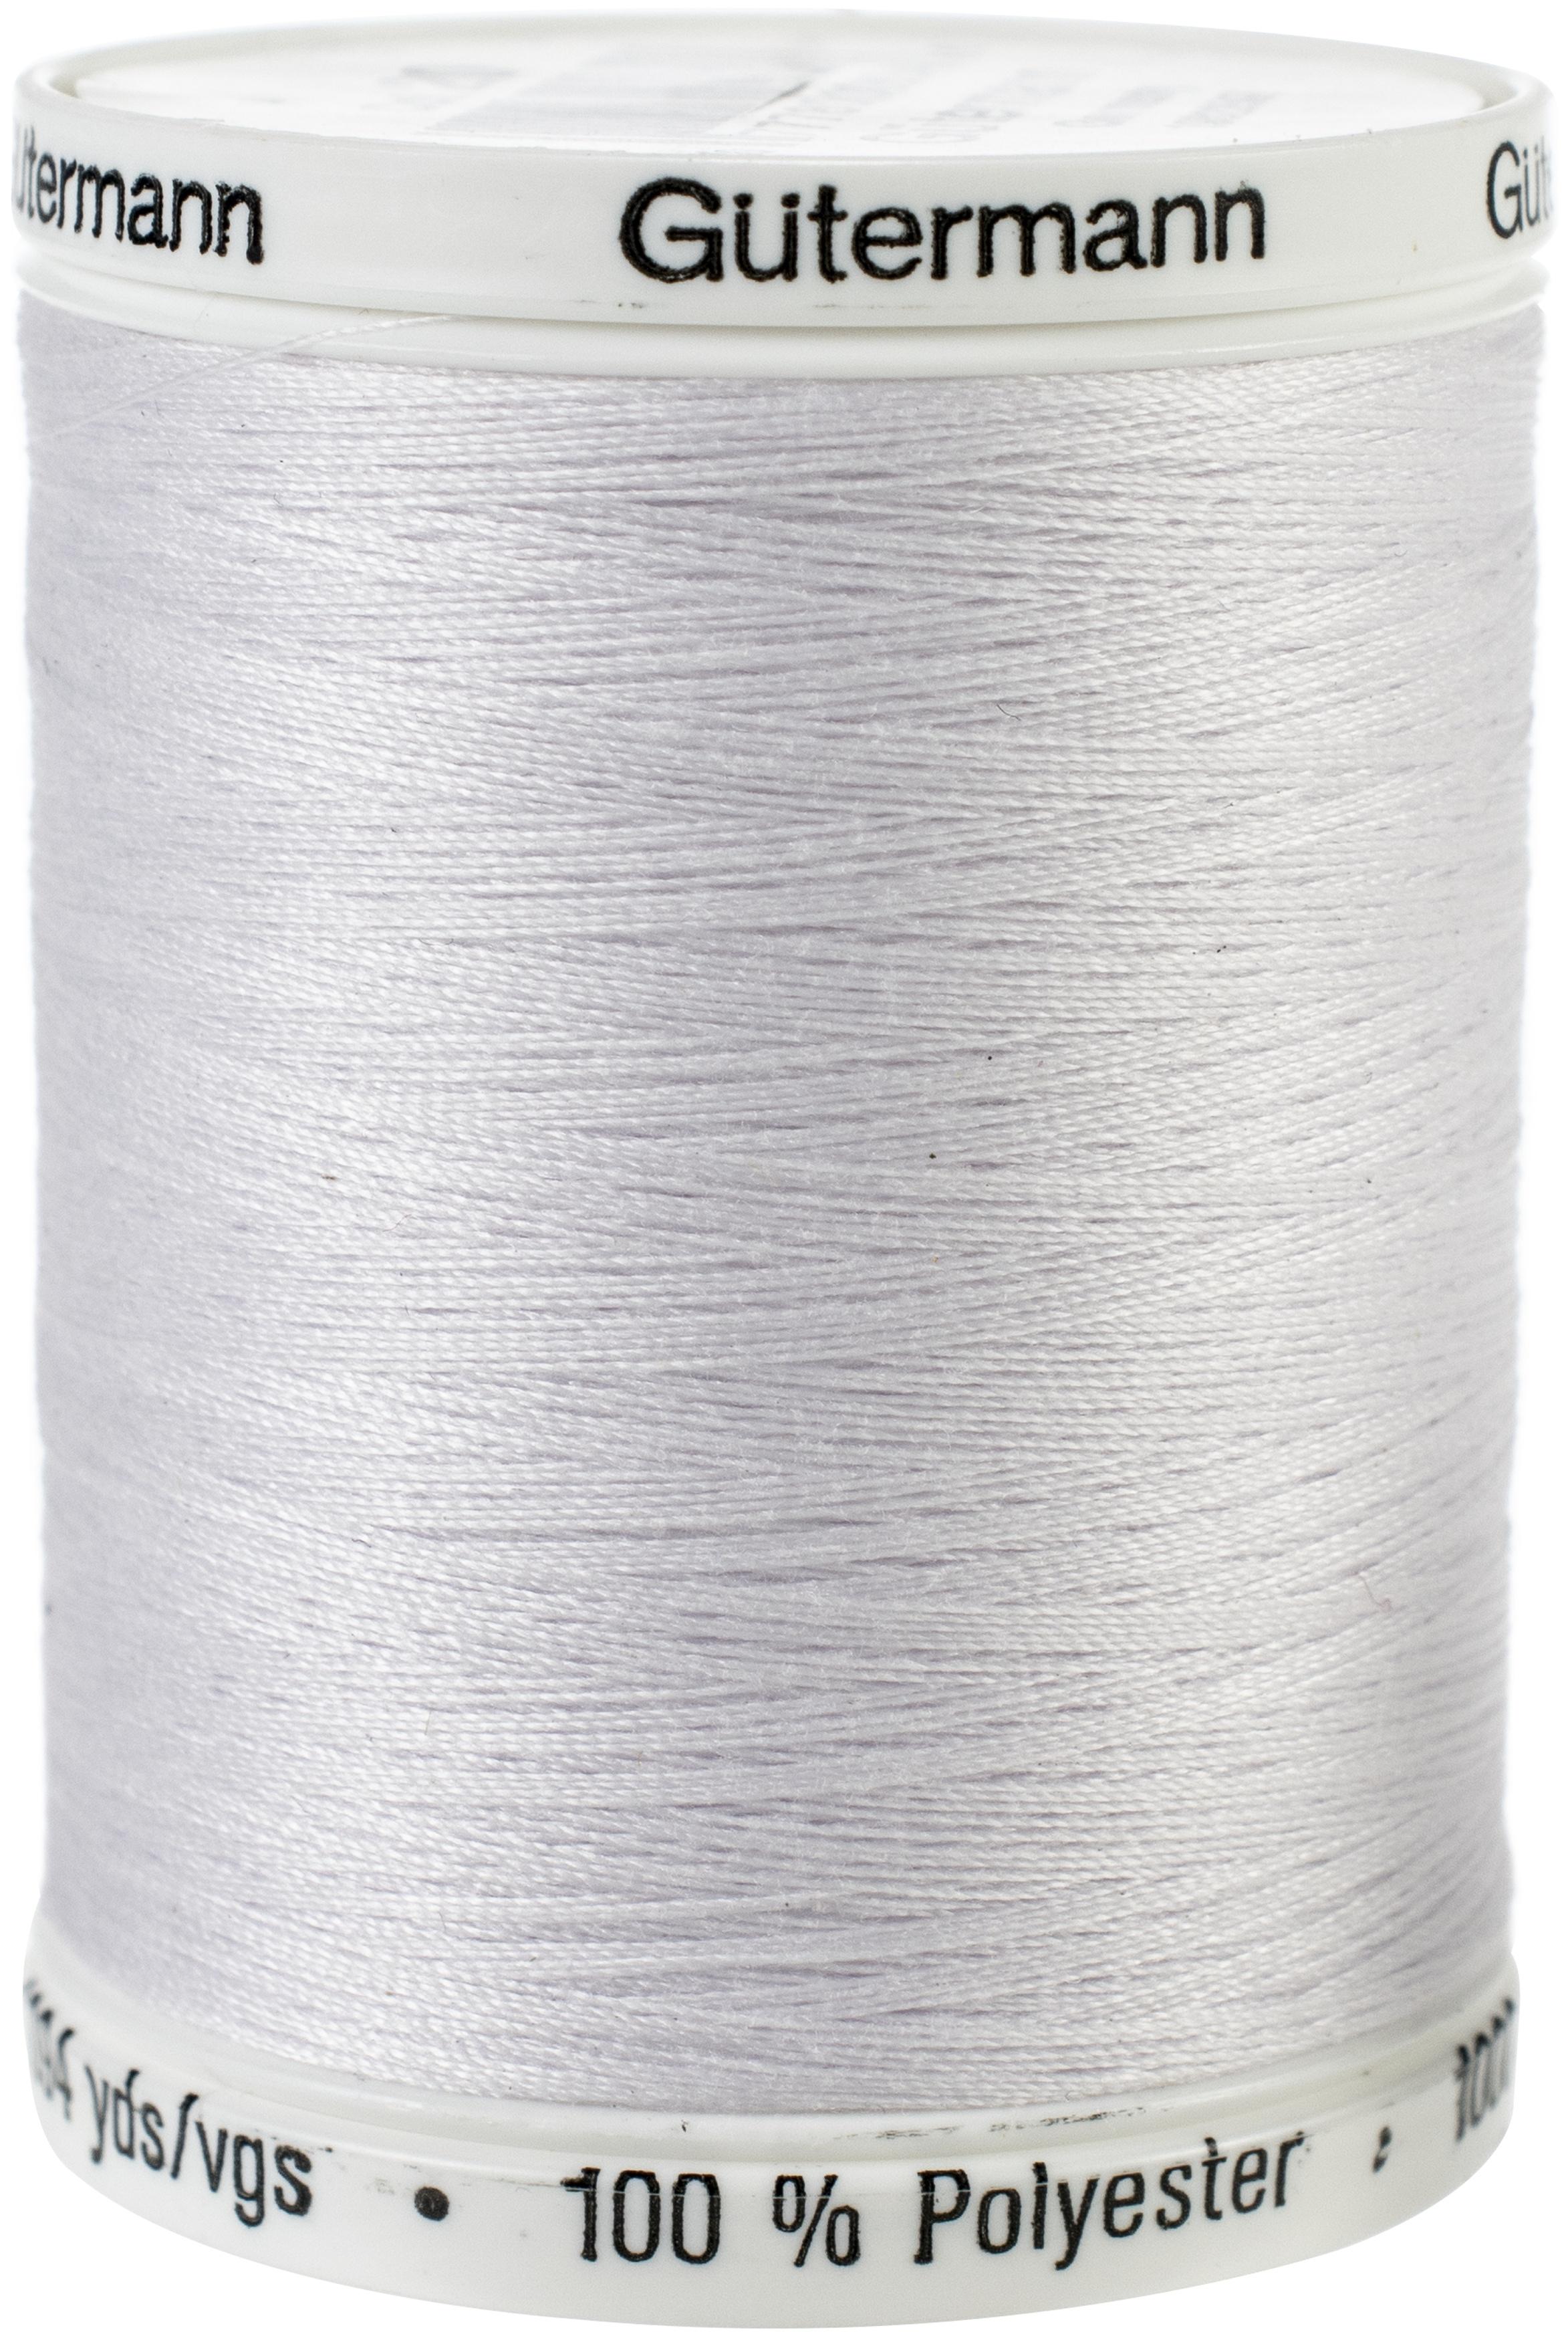 Gutermann Sew-All Thread 1000m (1094yd)